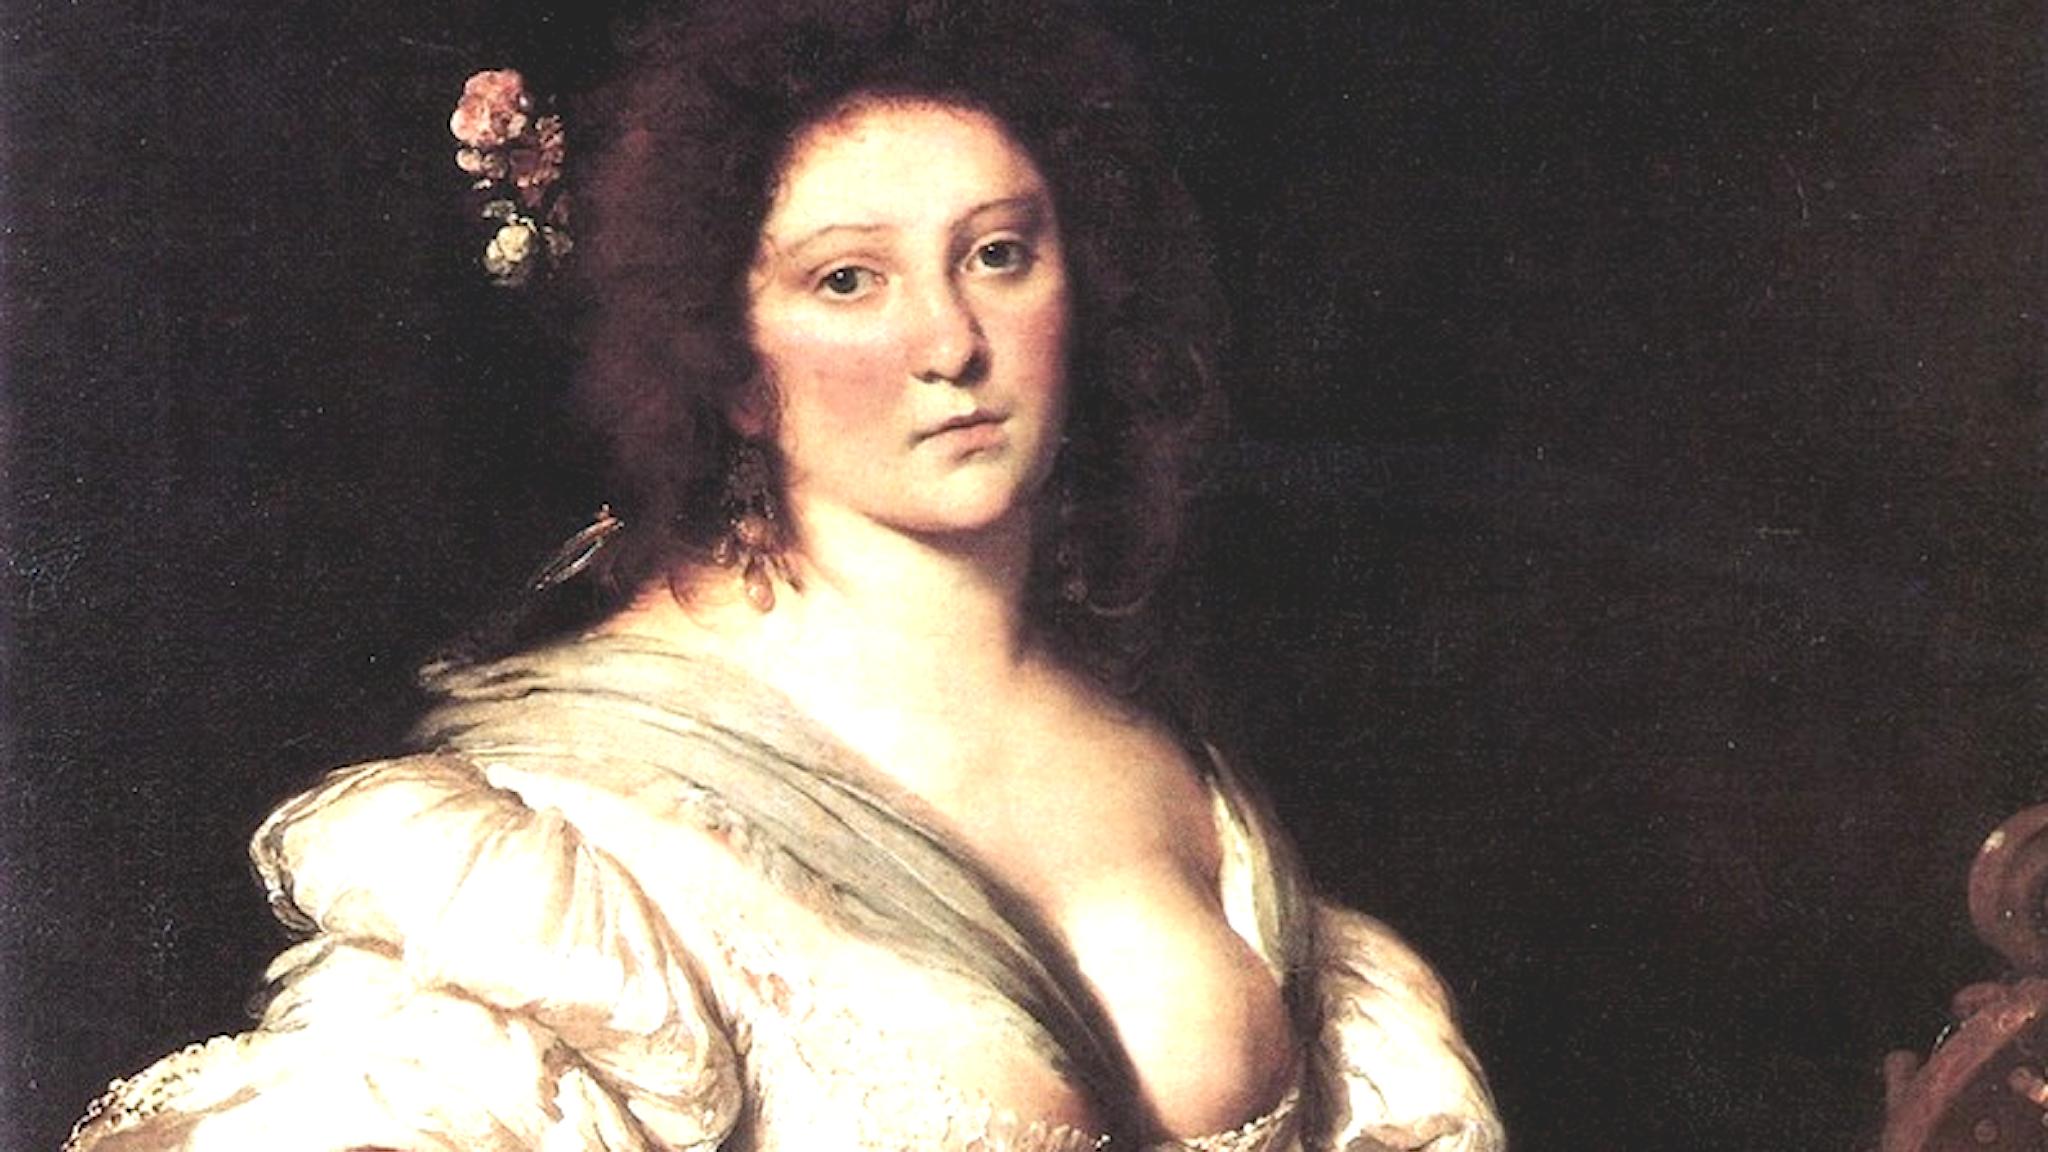 Barbara Strozzi porträtterad av den samtida konstnären Bernardo Strozzi. Foto: Wikimedia commons.